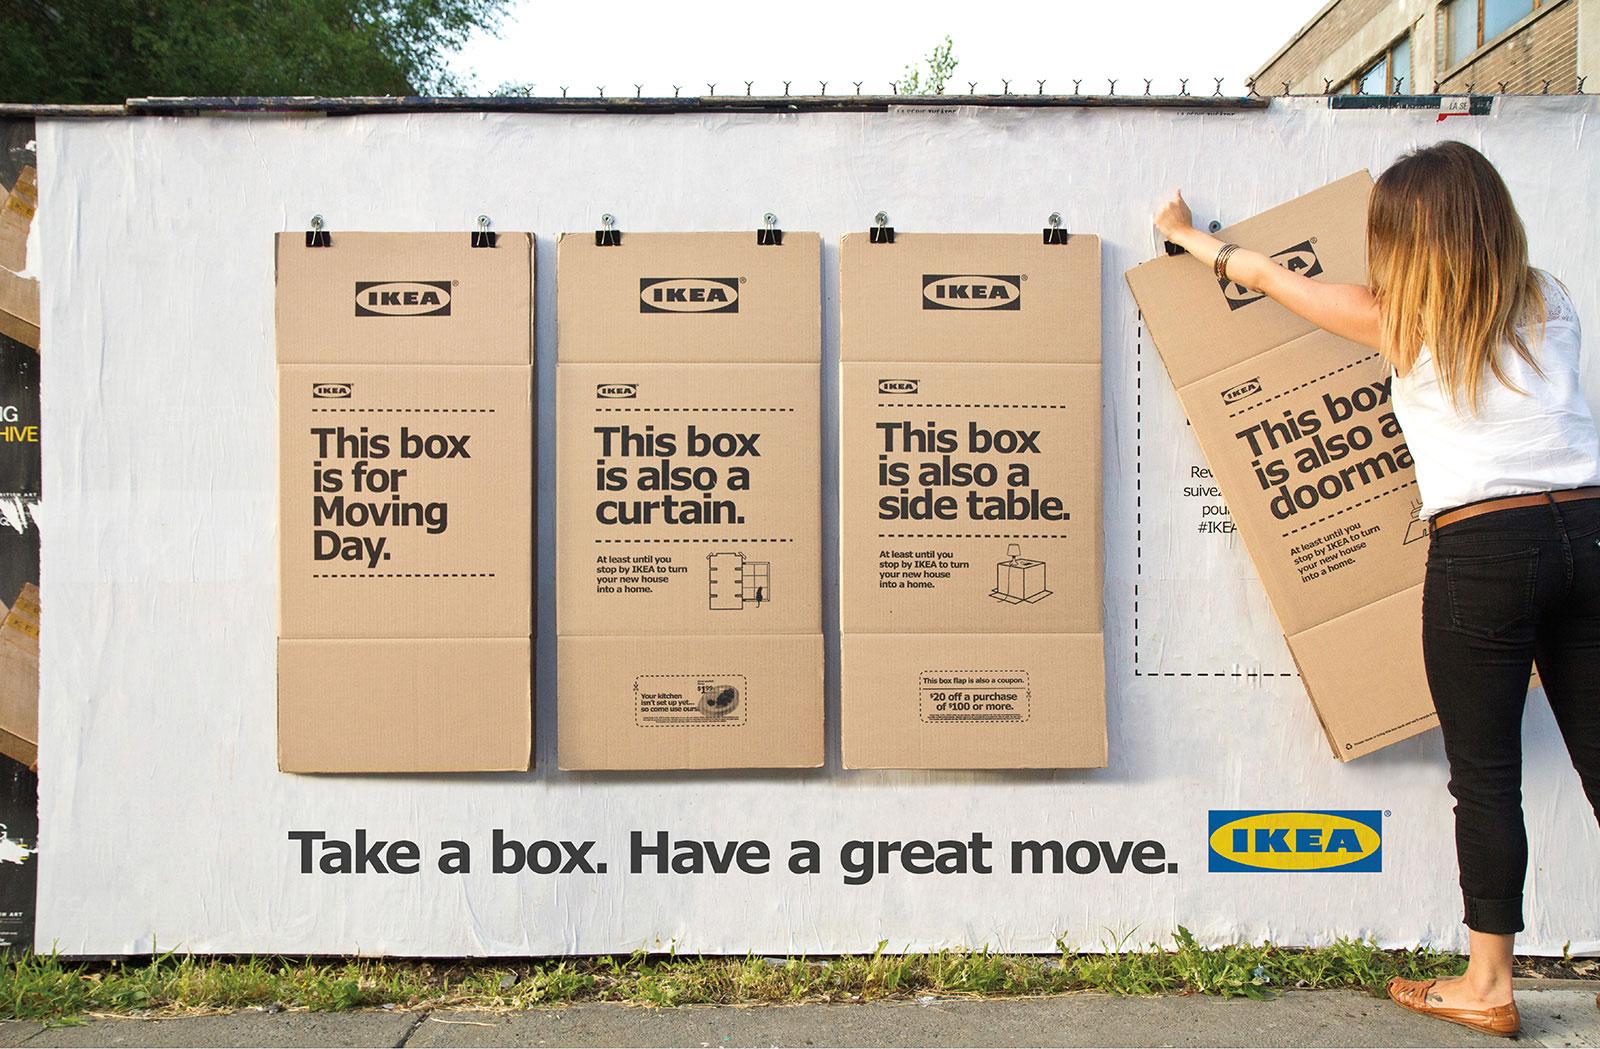 Creatieve buitenreclame van Ikea